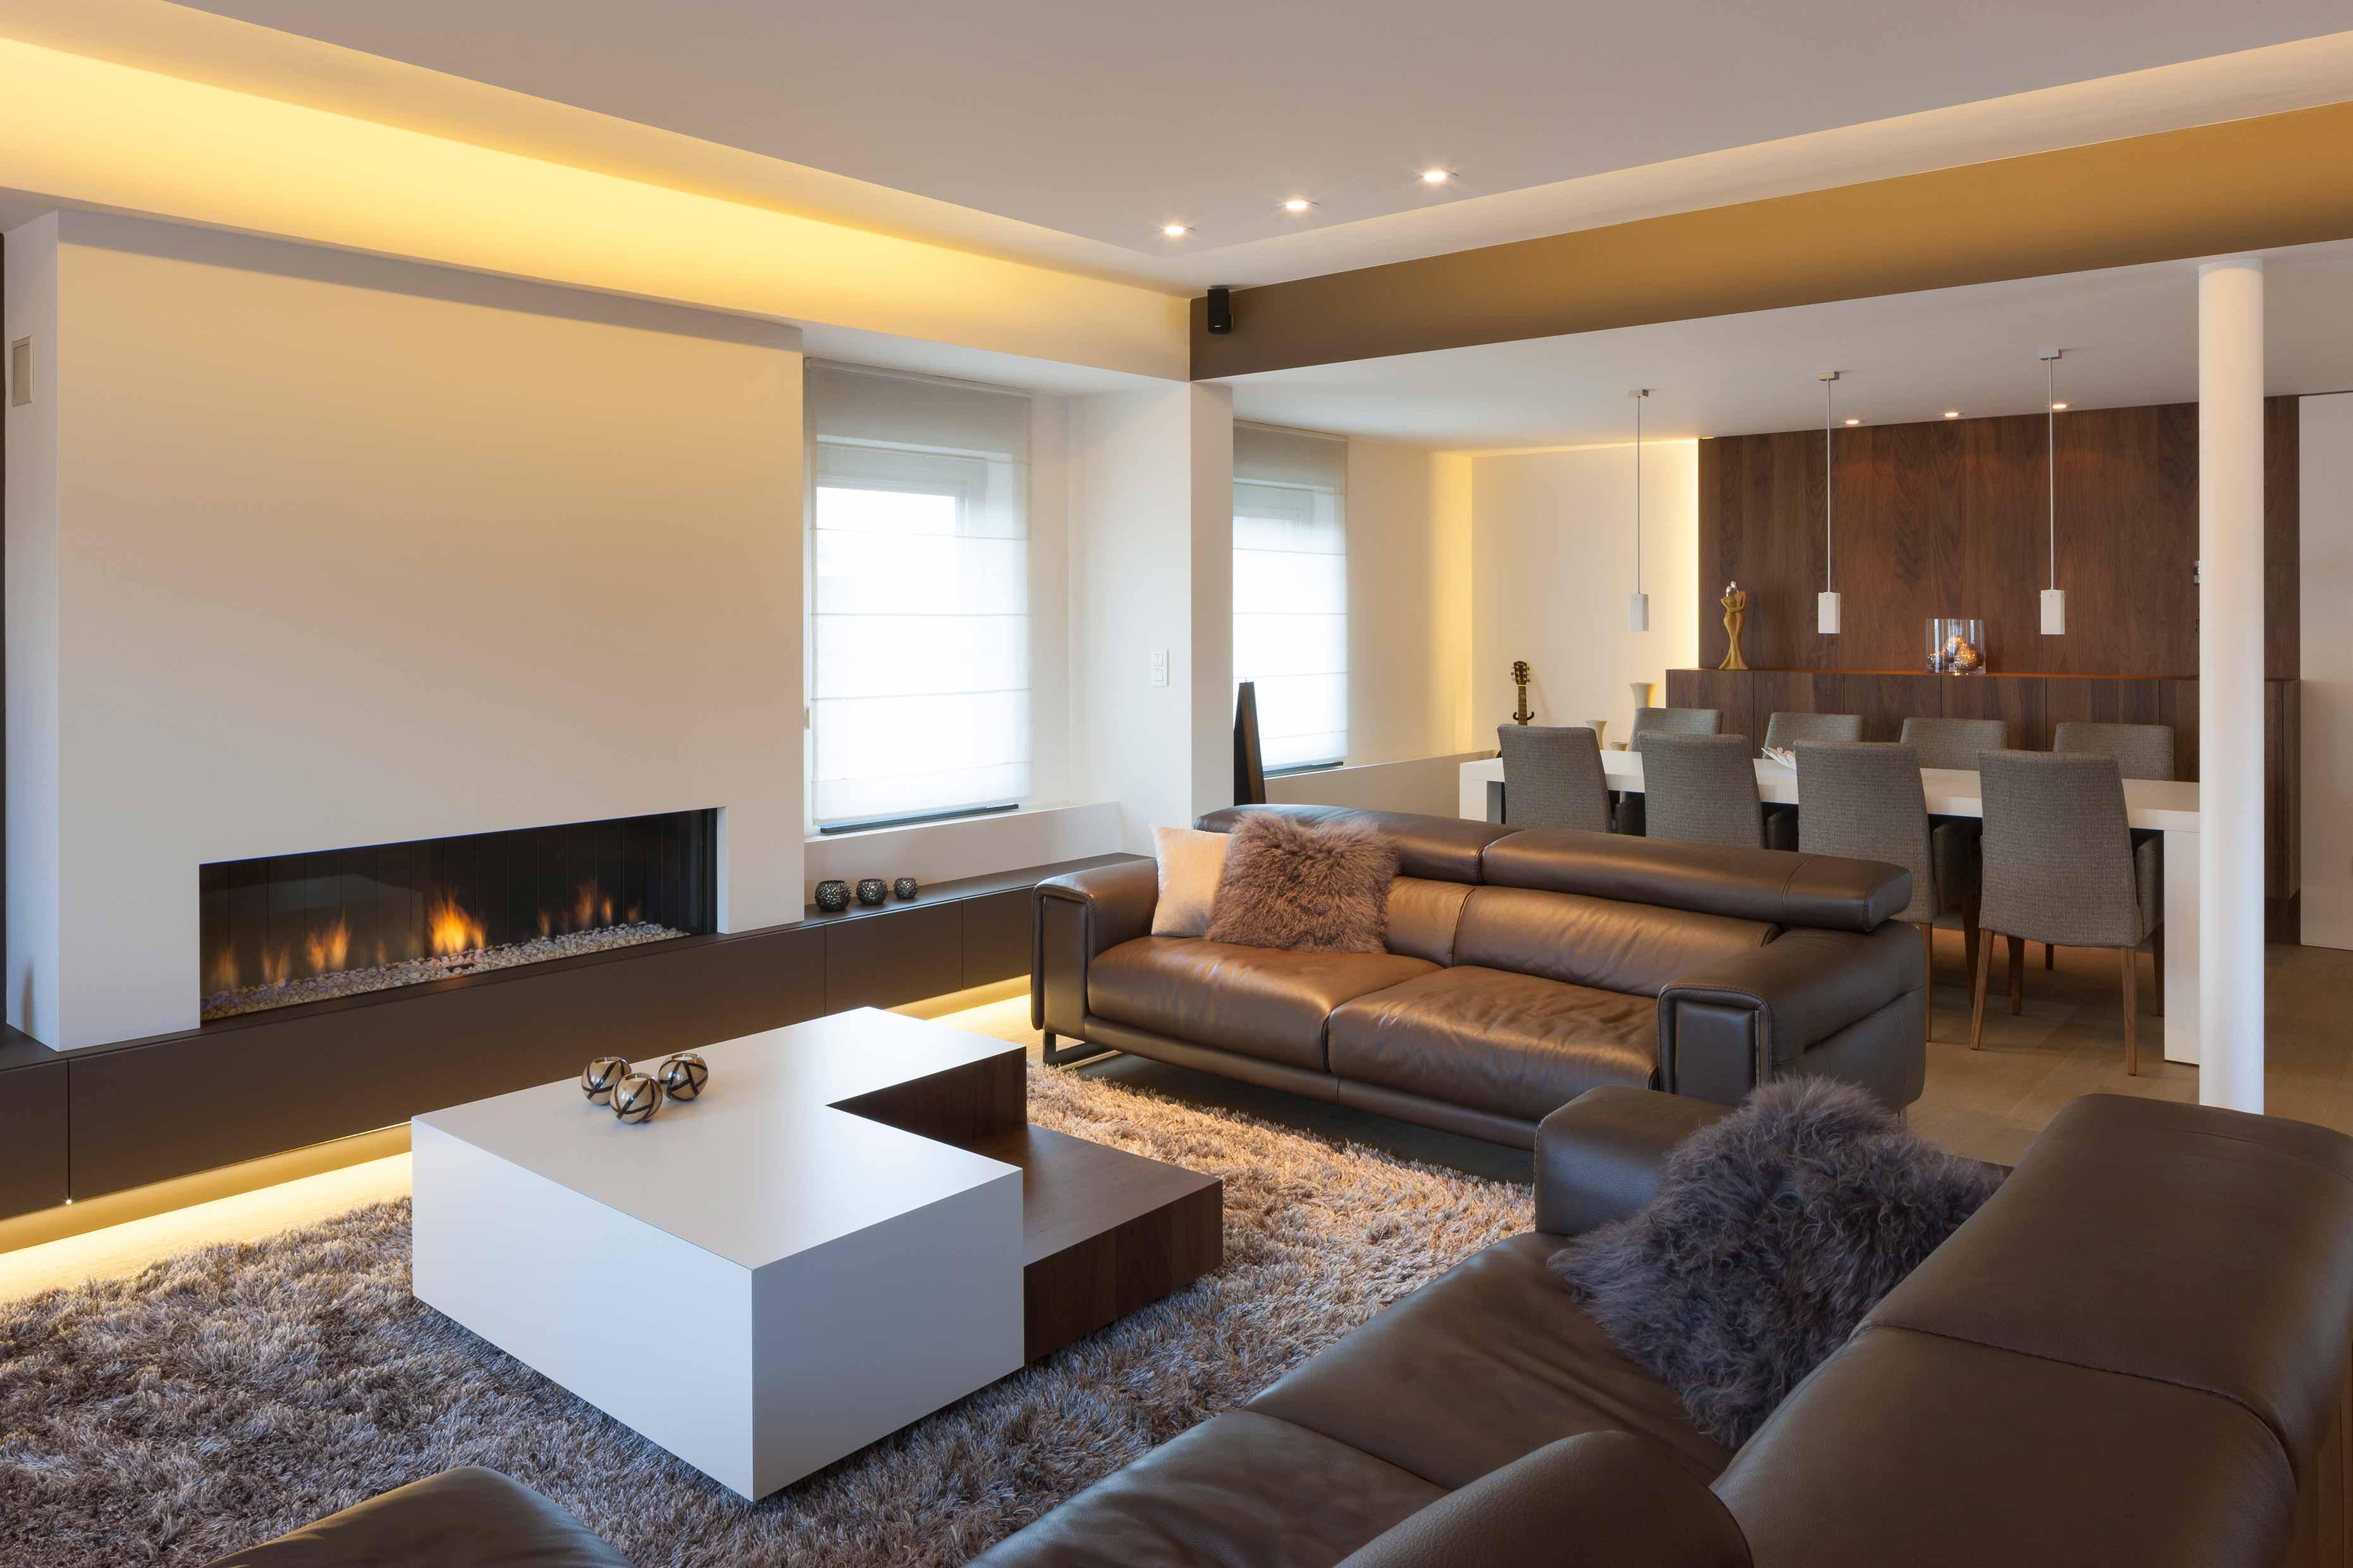 Uw interieur is onze specialiteit kempische interieurbouw for Interieur bedrijf